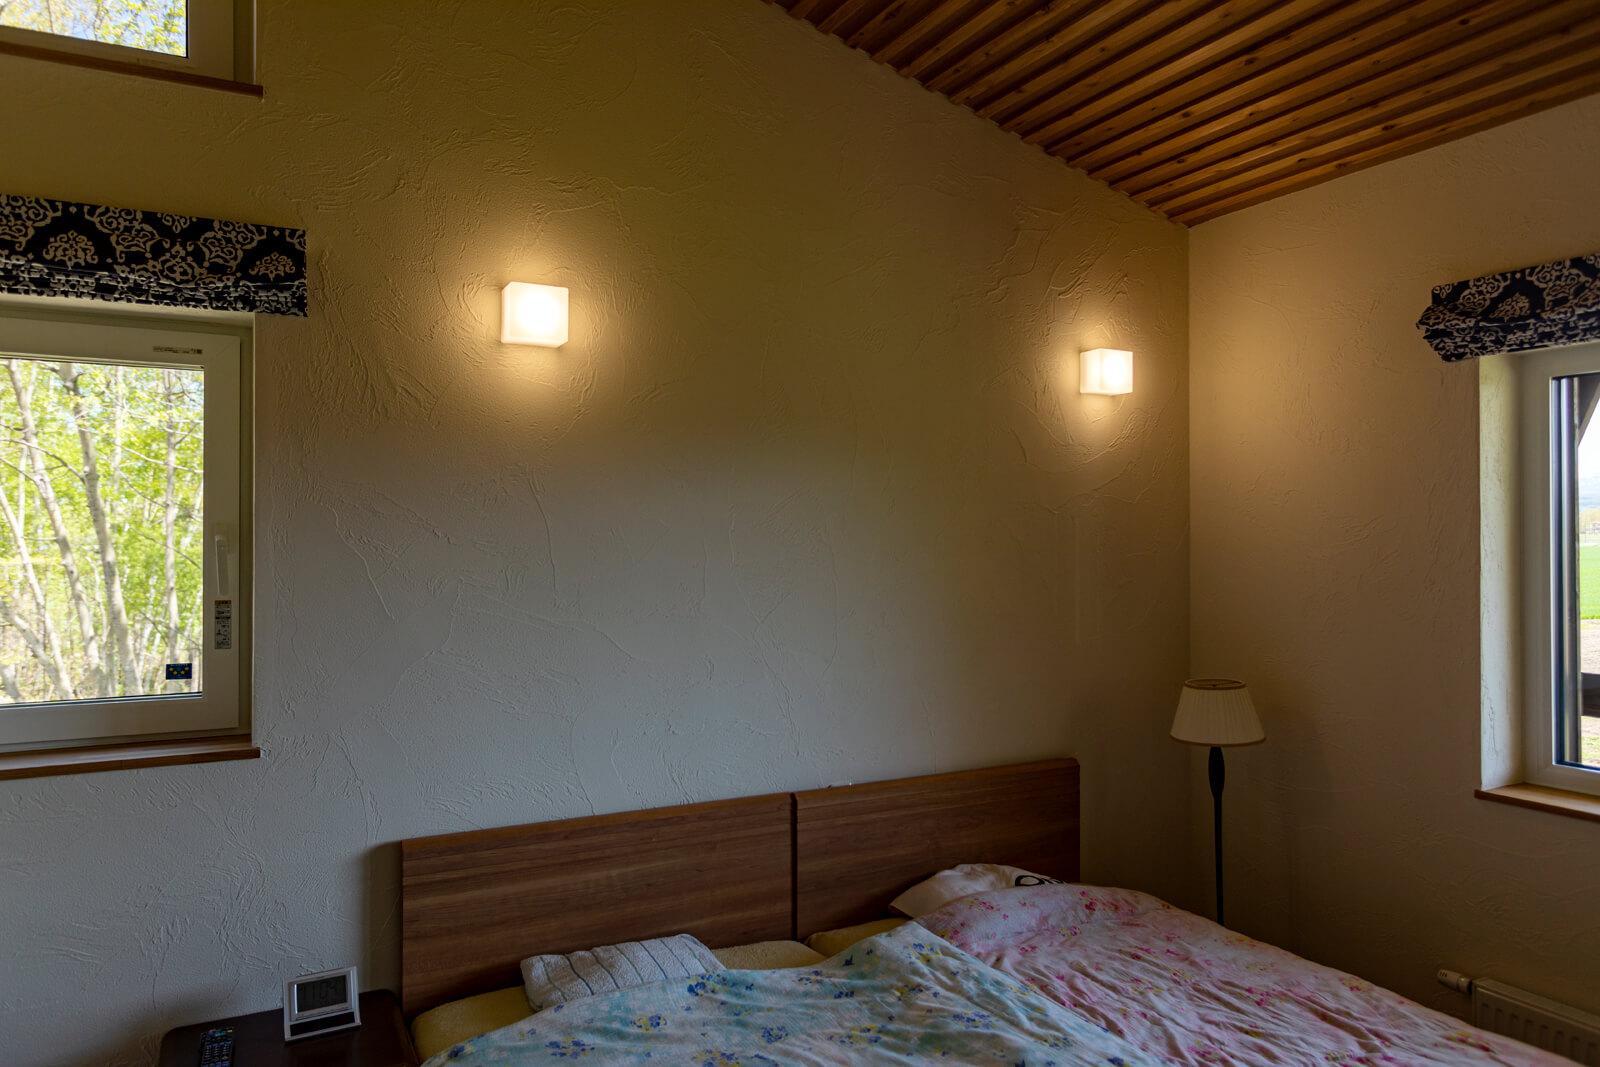 周囲の森や山並みを望む開口が設けられた2階主寝室。「冬は暖かく、目覚めたらすぐに布団から出られます」(奥さん)